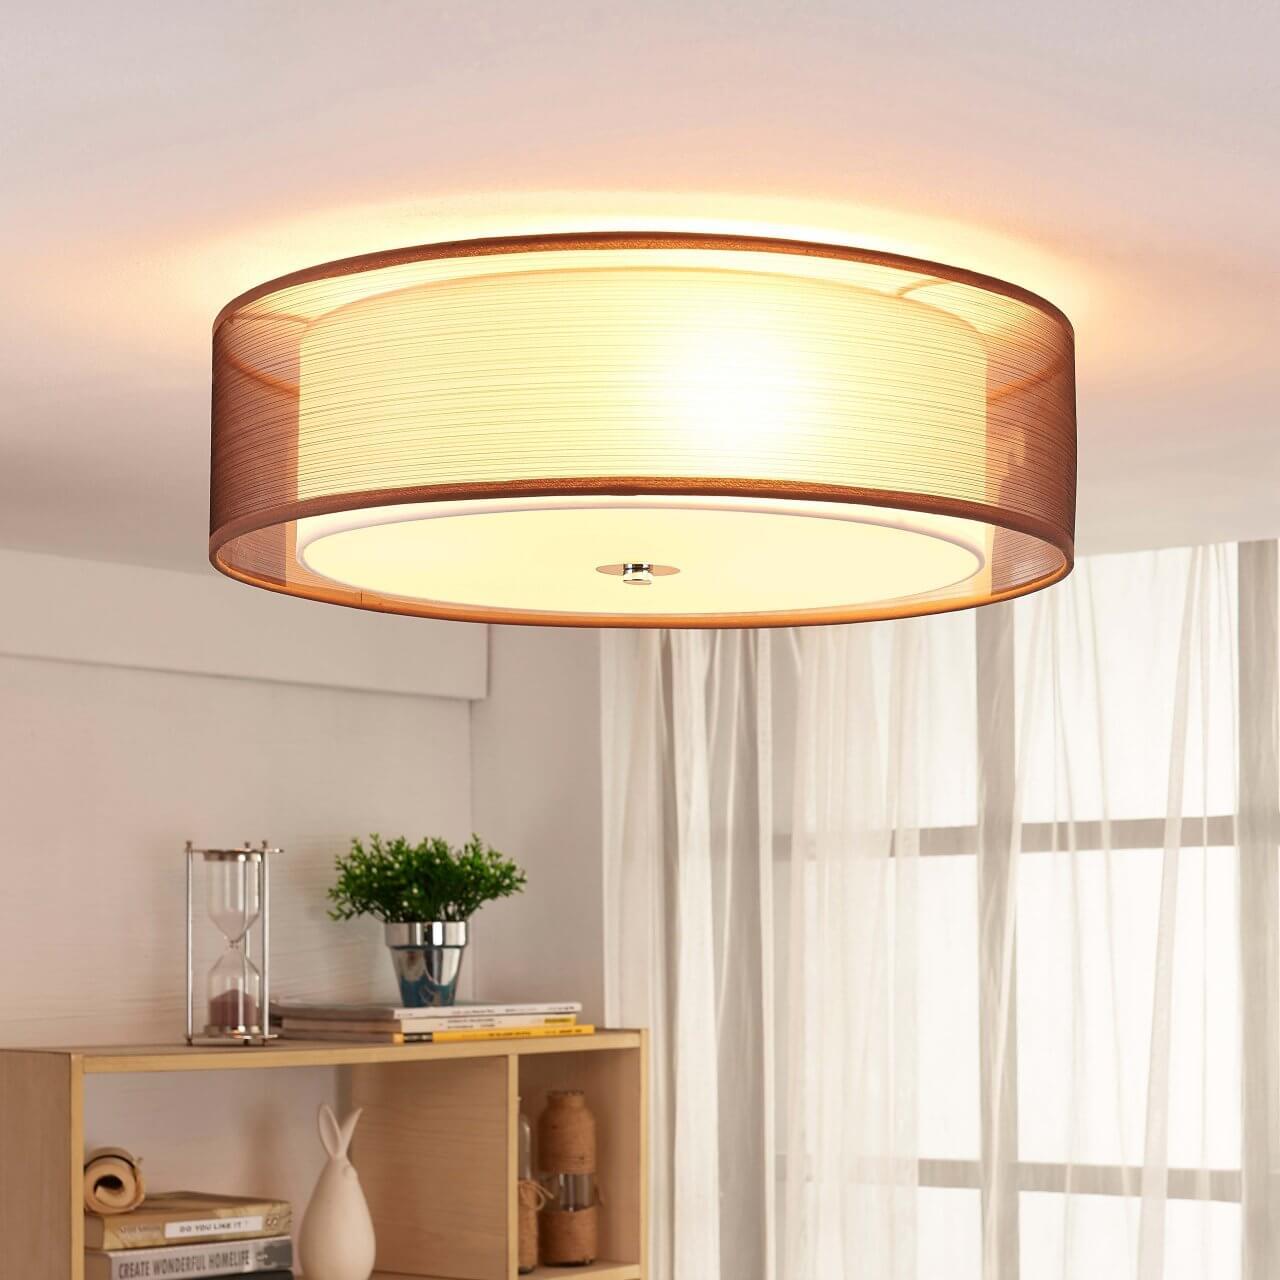 Plafondlamp met stoffen kap